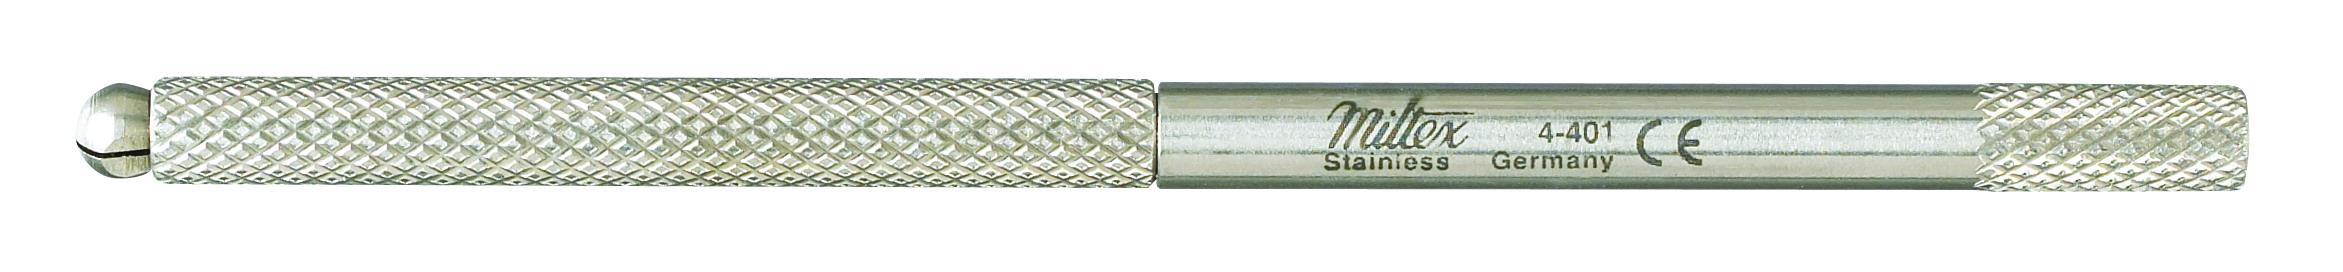 mini-hdl-3k-type-w-chuck-4-401-miltex.jpg